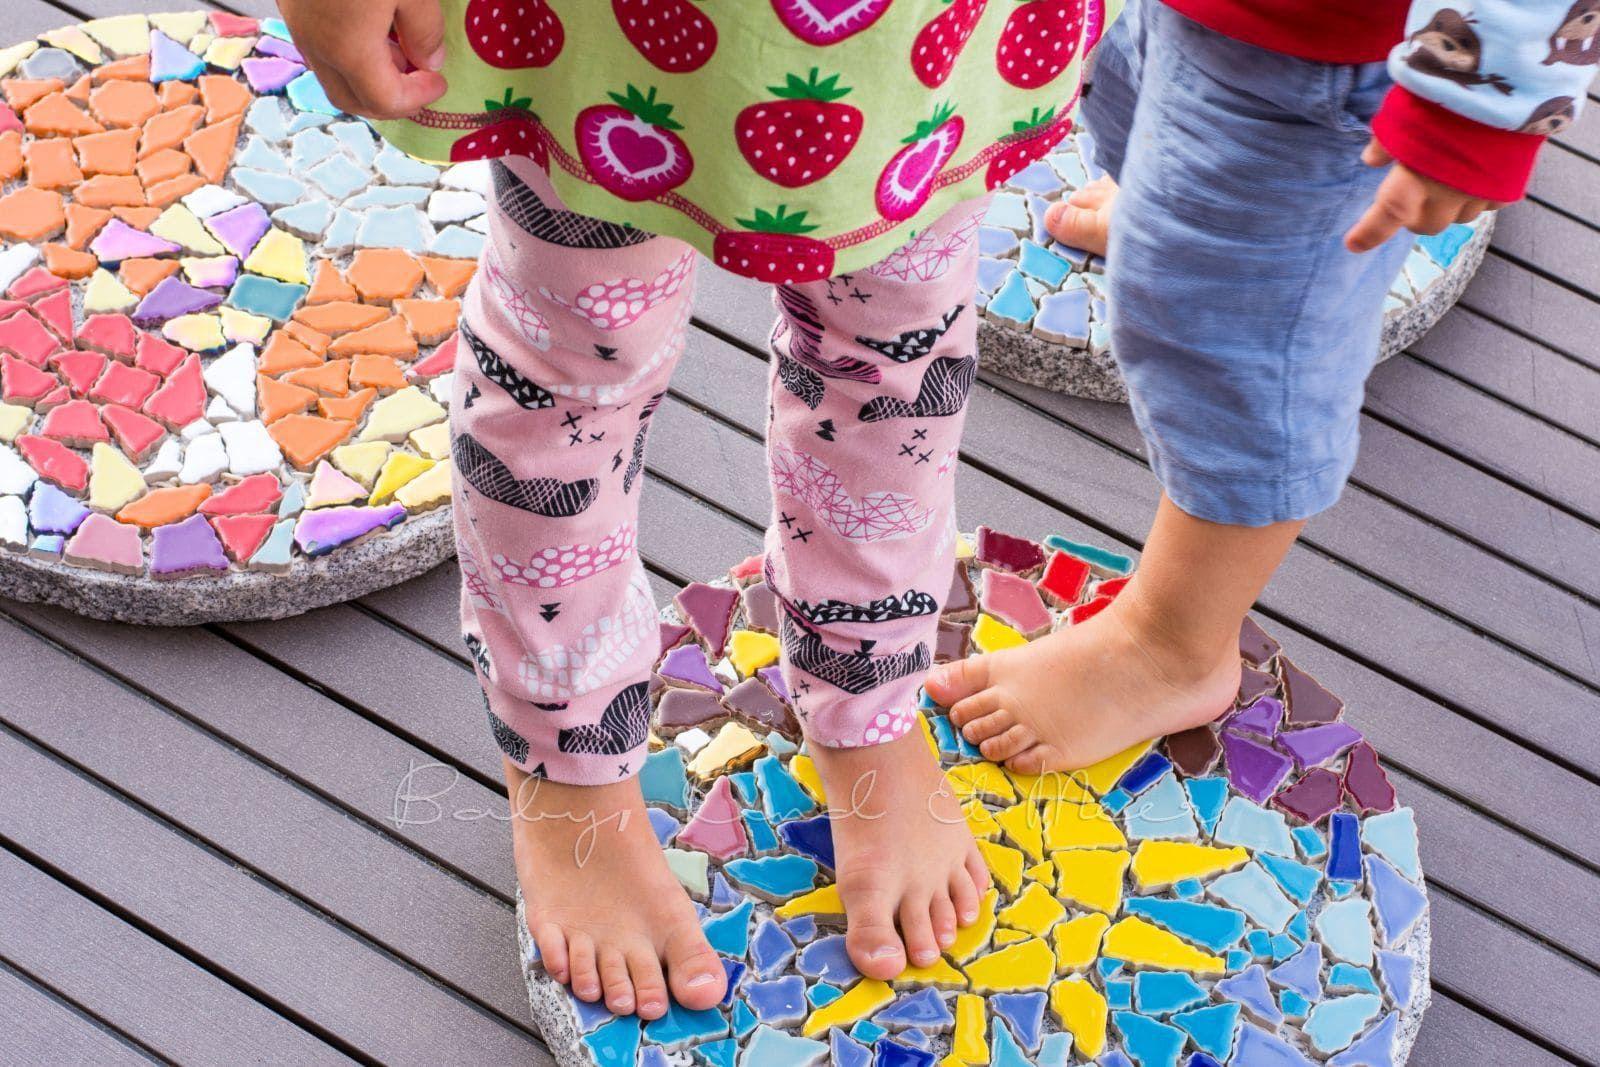 Diy Mosaik Gehwegplatten Fur Den Garten Hausbau Garten Diy Inspirationen Garten Ideen Diy Mosaik Ge In 2020 Gehwegplatten Mosaik Mosaik Selber Machen